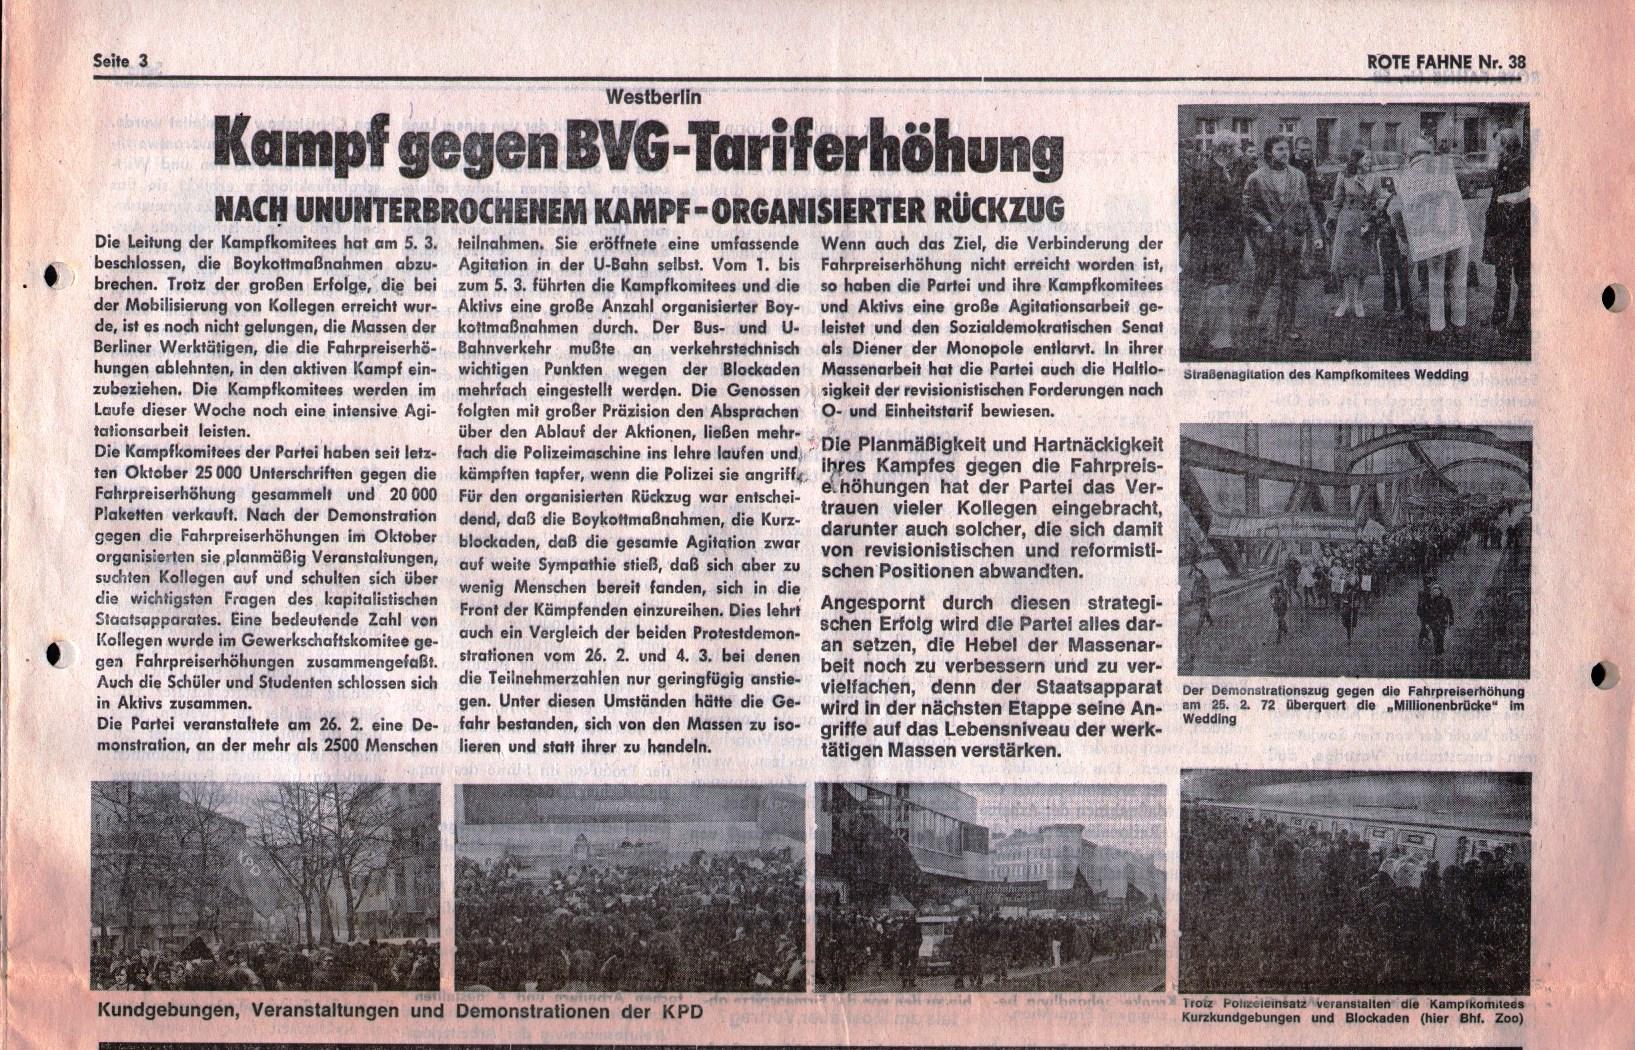 KPD_Rote_Fahne_1972_38_05